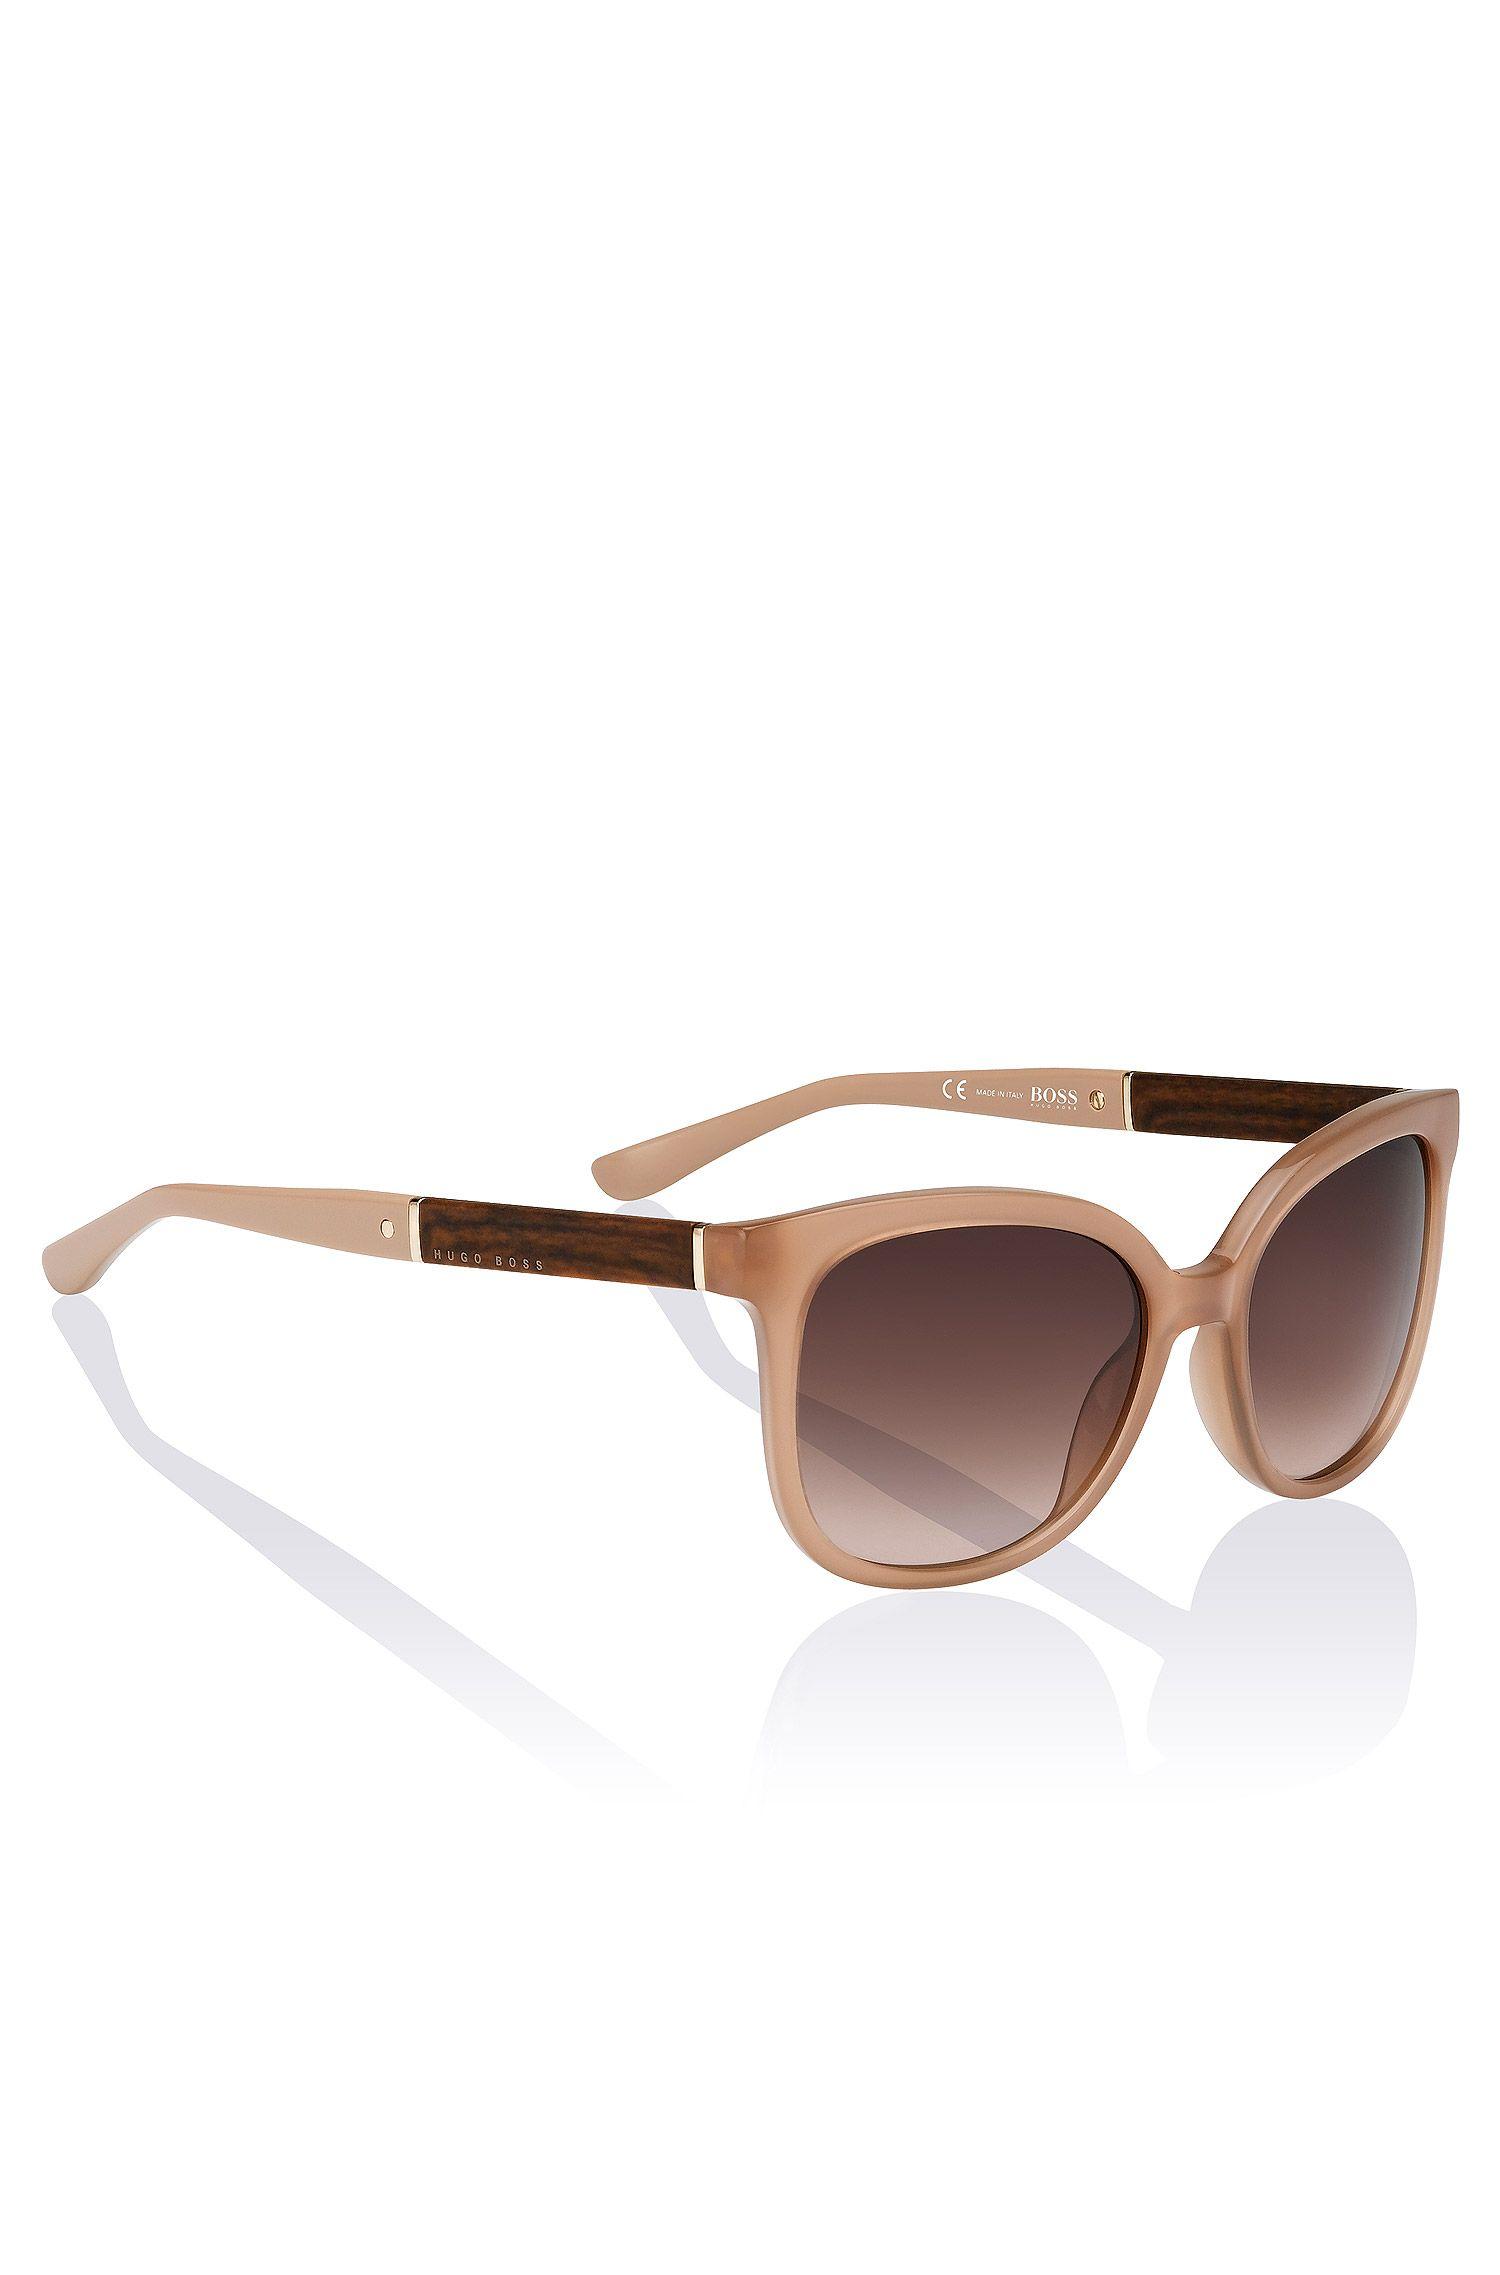 Sonnenbrille ´BOSS 0663/S` aus Acetat